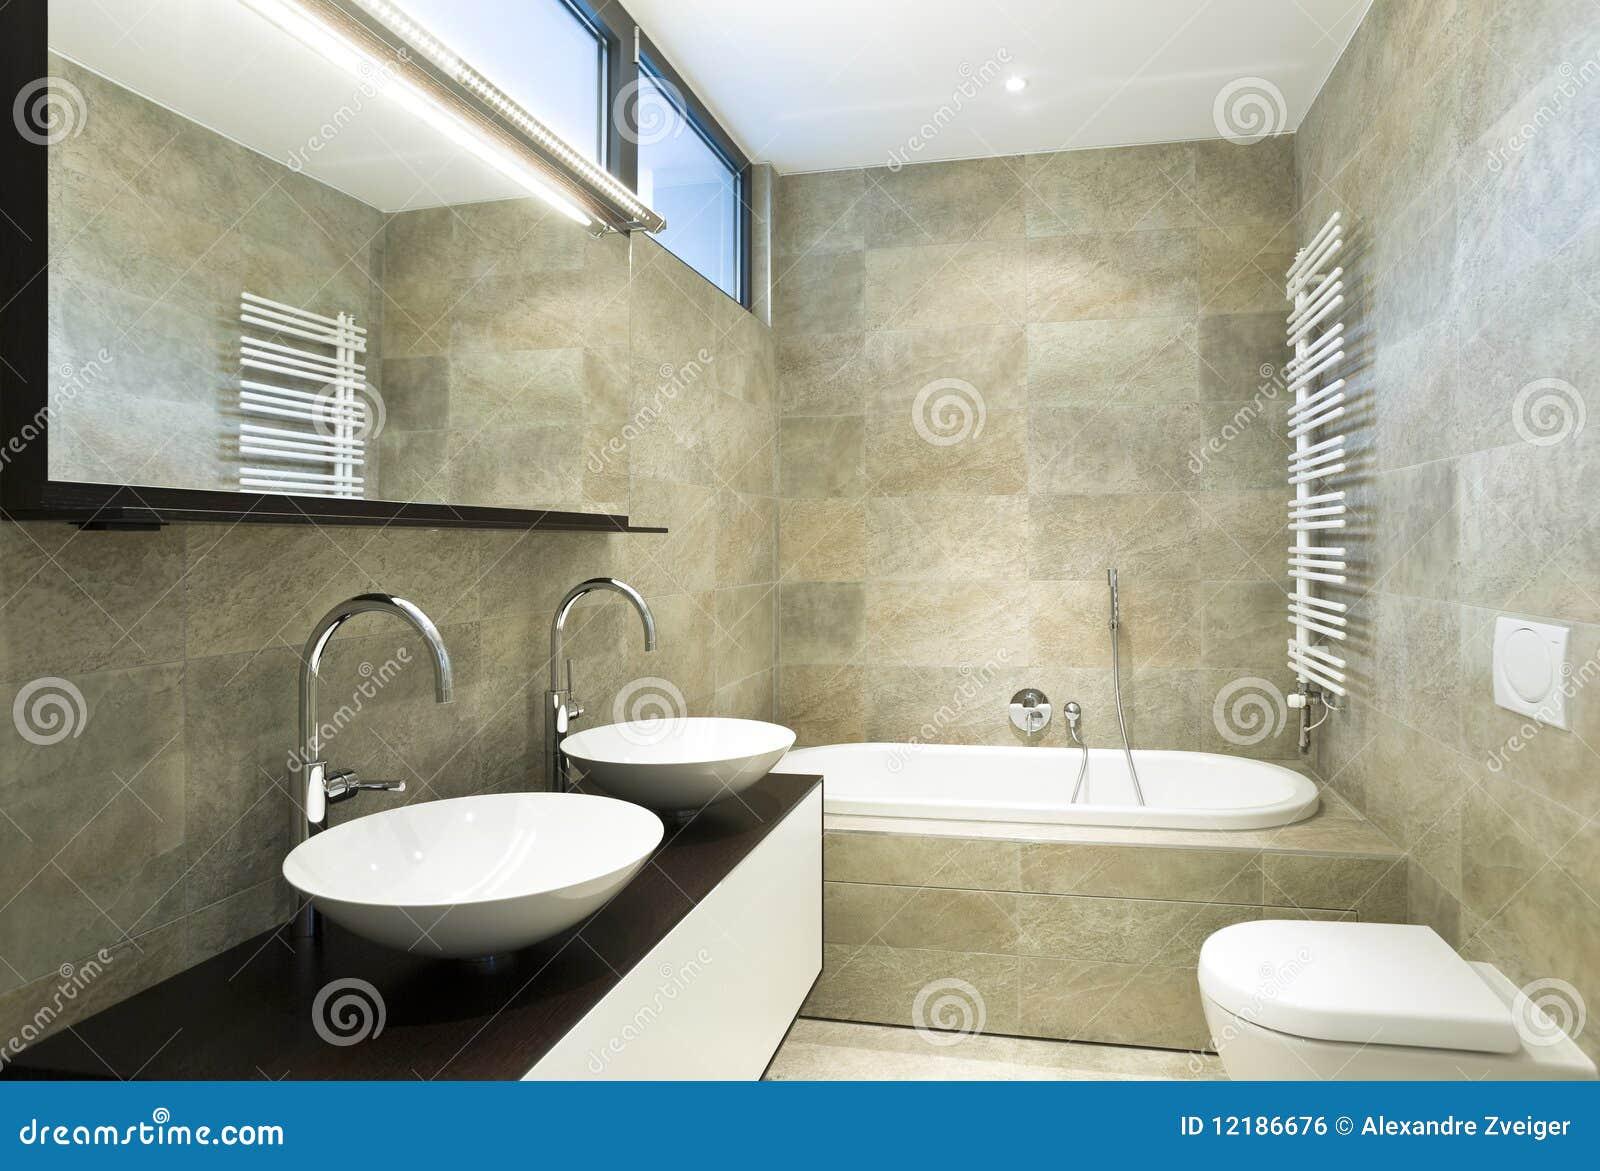 Banheiro Bonito Interior Imagem de Stock Royalty Free Imagem  #82A229 1300x968 Banheiro Bonito